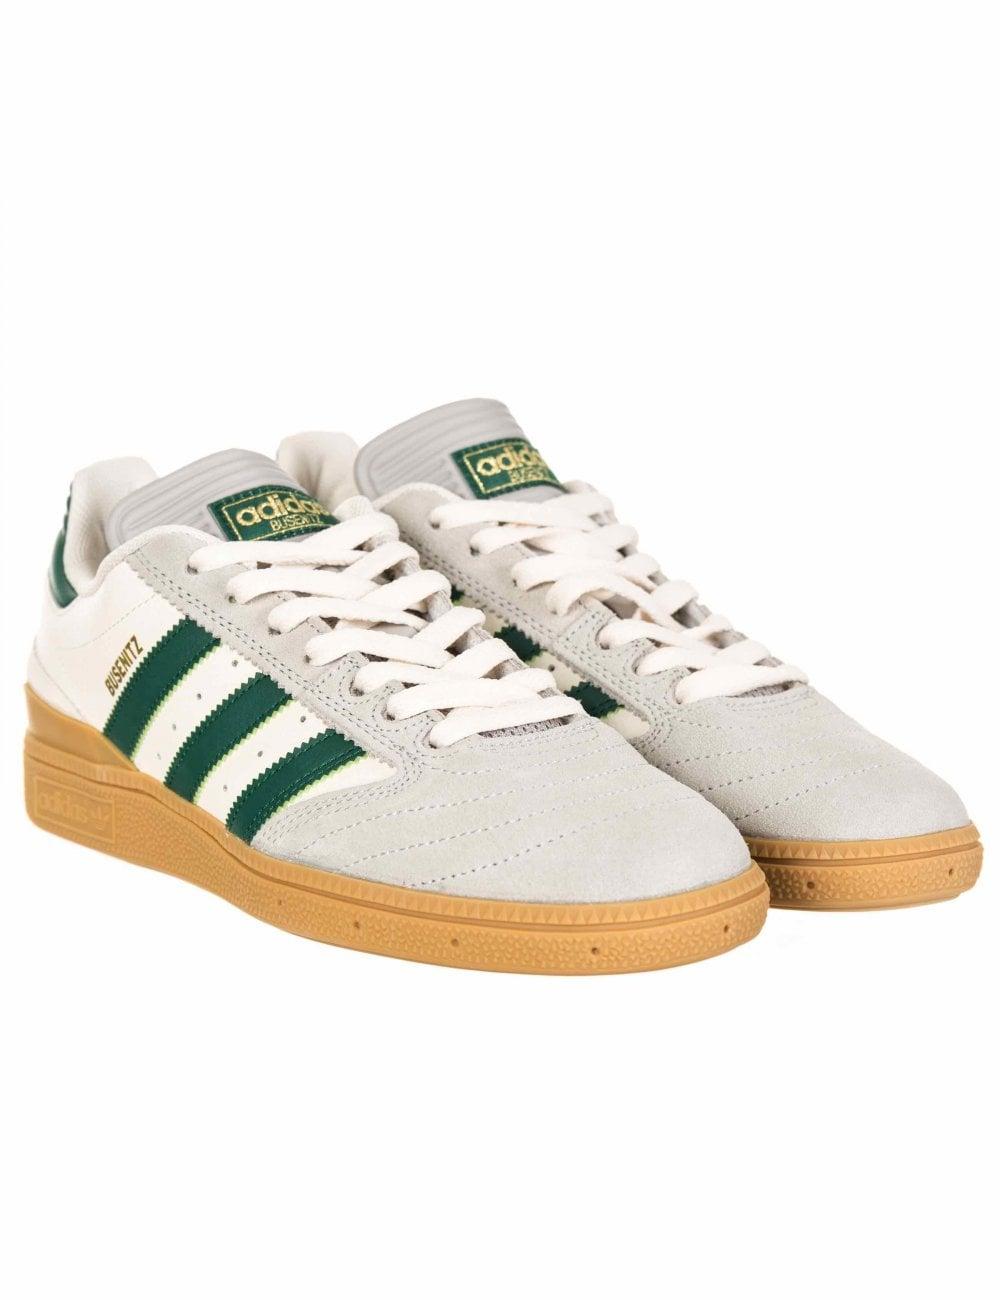 best sneakers fbf97 9cd9e Busenitz Pro Trainers - Grey TwoCol Green